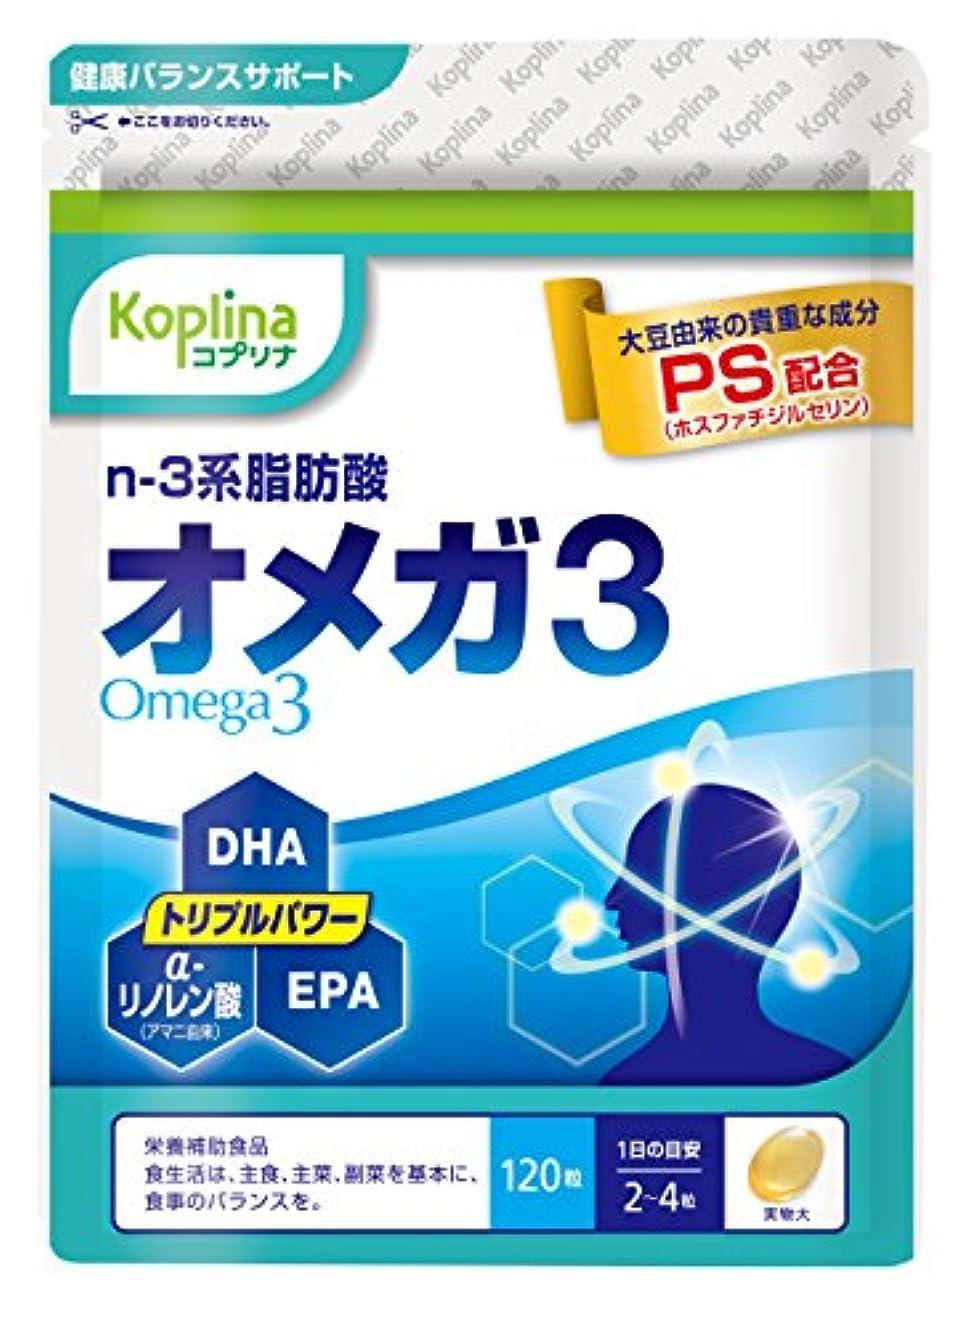 リテラシージョージスティーブンソンマスタードオメガ3(PS ホスファチジルセリン配合) 120粒 国内製造 1個